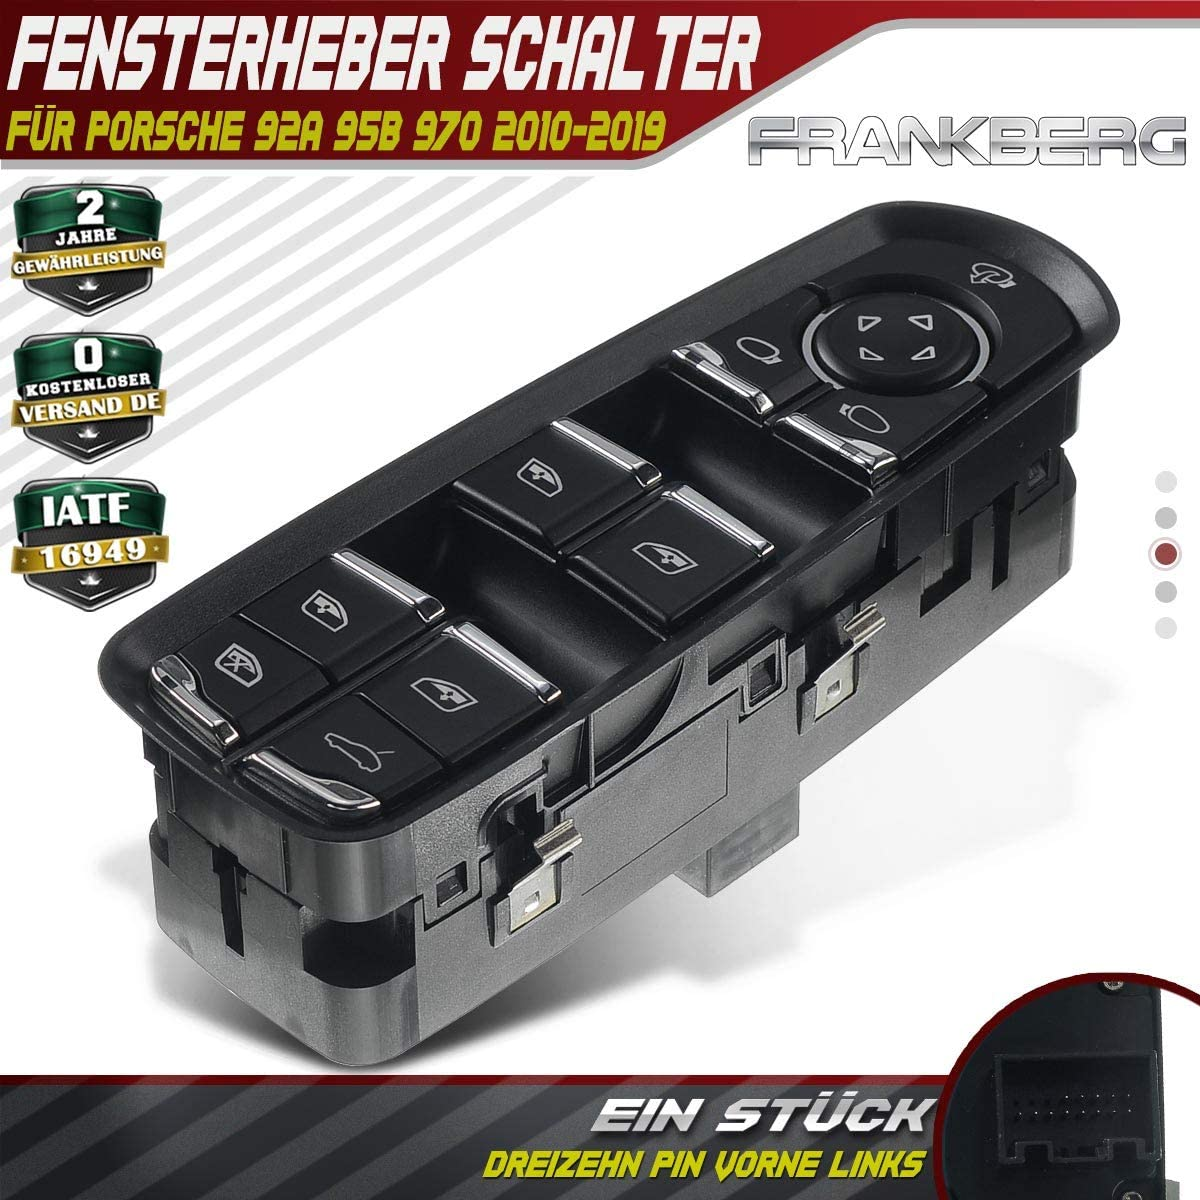 Window Regulator Switch Button Front Left For Cayenne 92a Macan 95b Panamera 970 2010 2019 7pp959858rdml Baumarkt